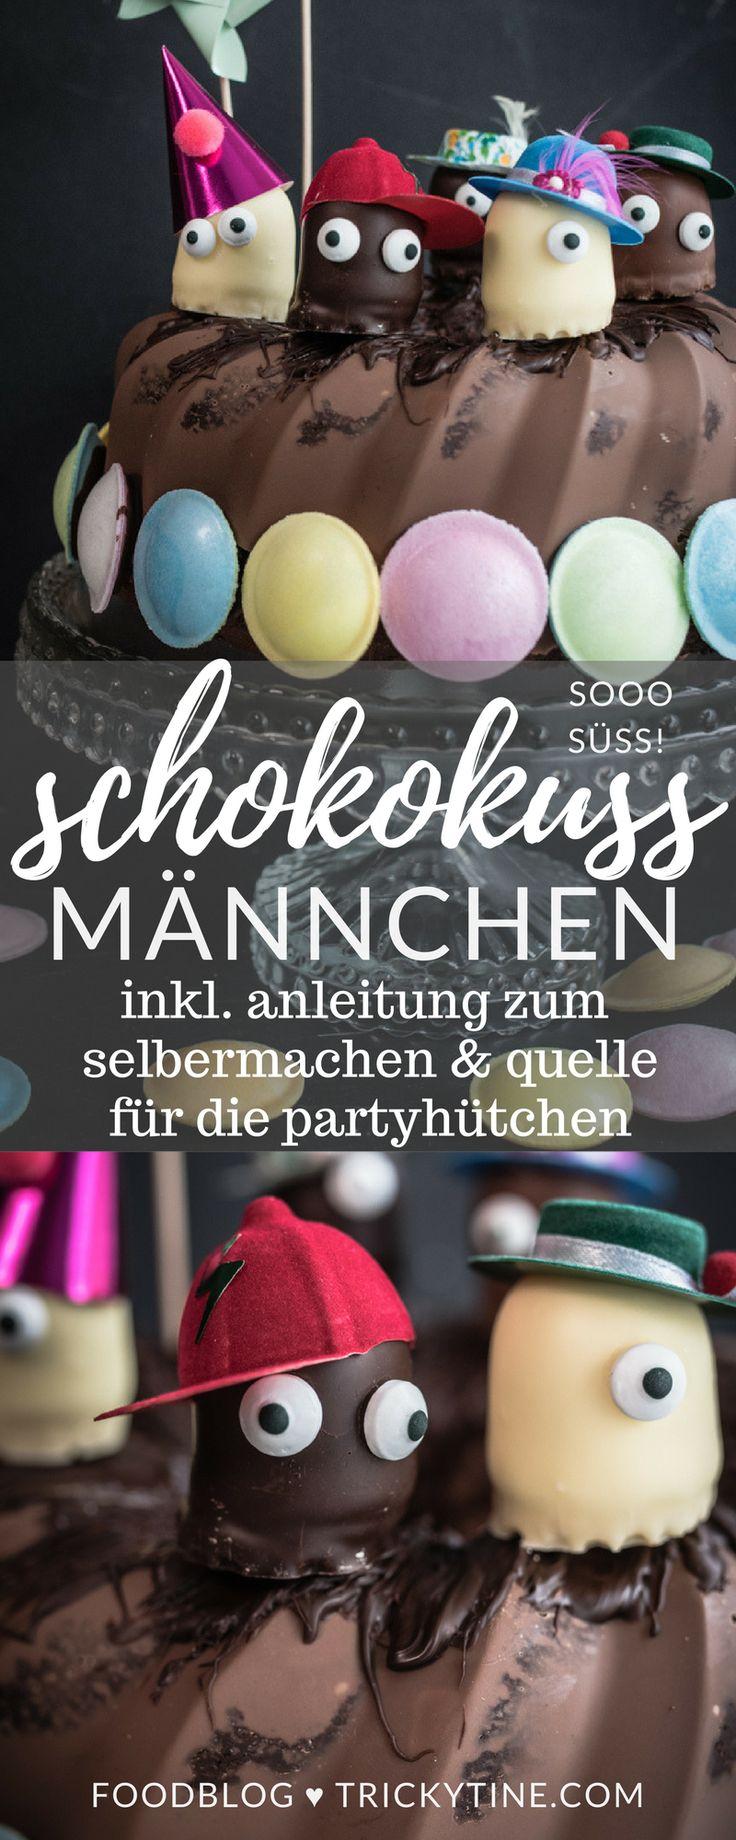 DIY anleitung und rezept für lustige schokokuss männchen mit partyhütchen ♥ trickytine.com